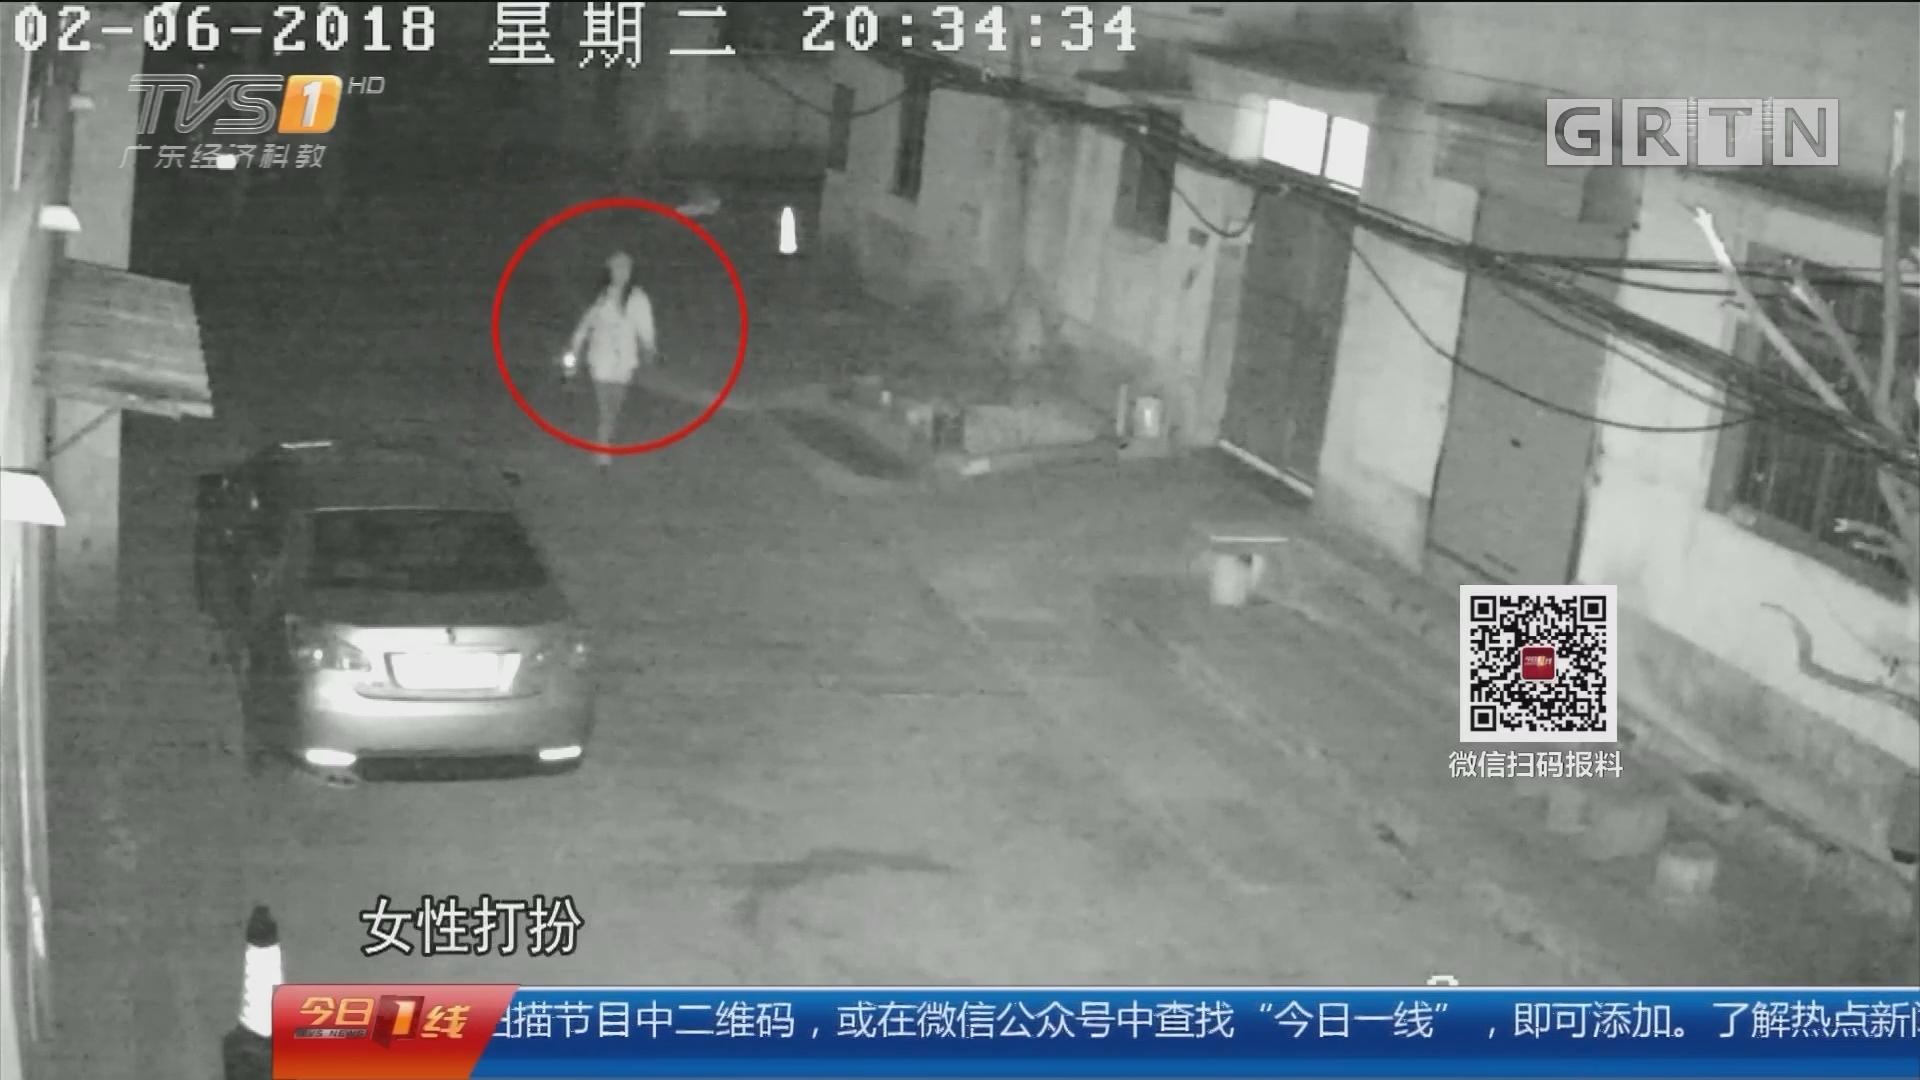 徐州:多户人家离奇失火 疑犯性别大变身